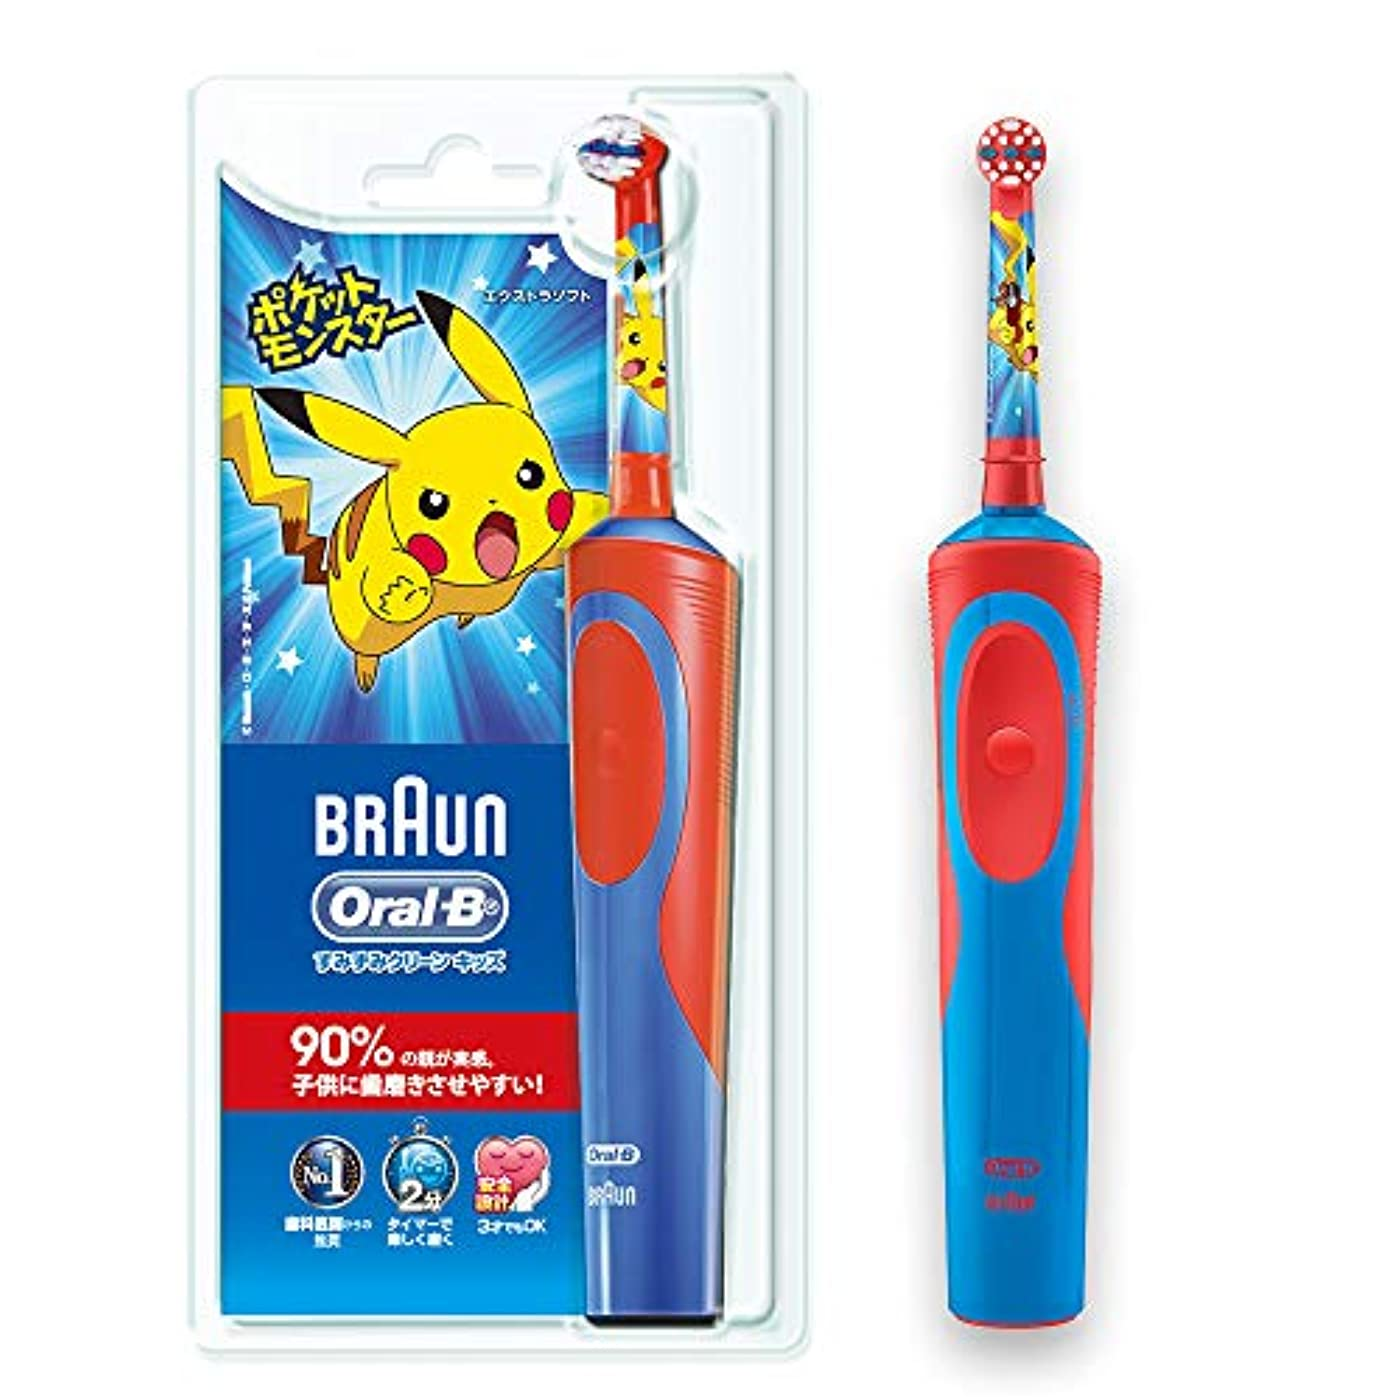 印象美容師楽しいブラウン オーラルB 電動歯ブラシ 子供用 D12513KPKMB すみずみクリーンキッズ 本体 レッド ポケモン 歯ブラシ